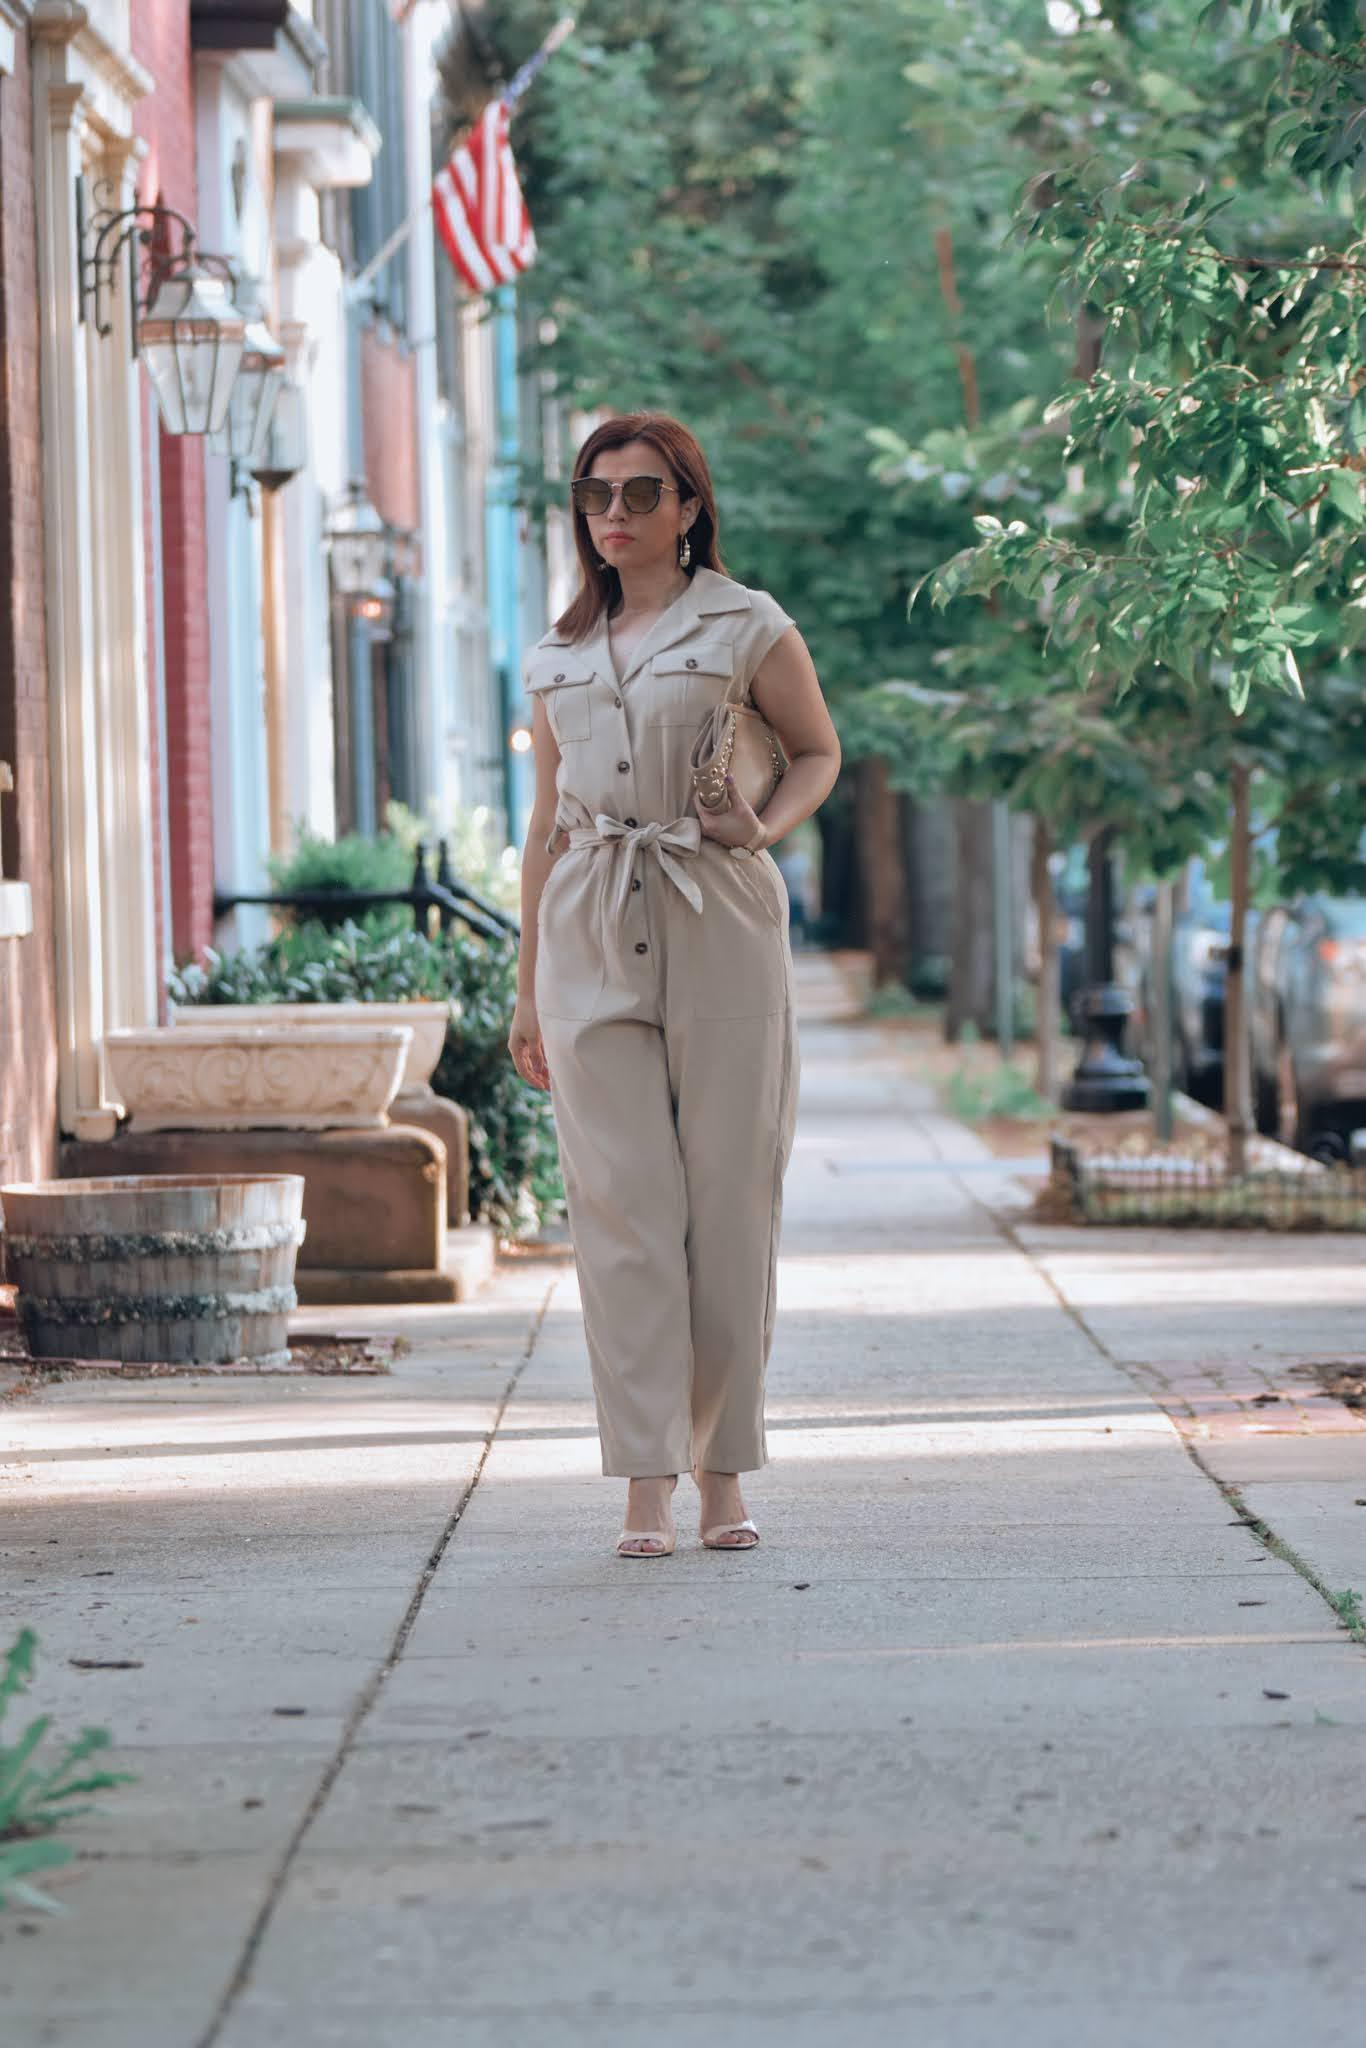 Outfit De Verano En Colores Neutros-como crear outfits desde cero-como verte siempre arreglada-como combinar colores neutros-mariestilo-